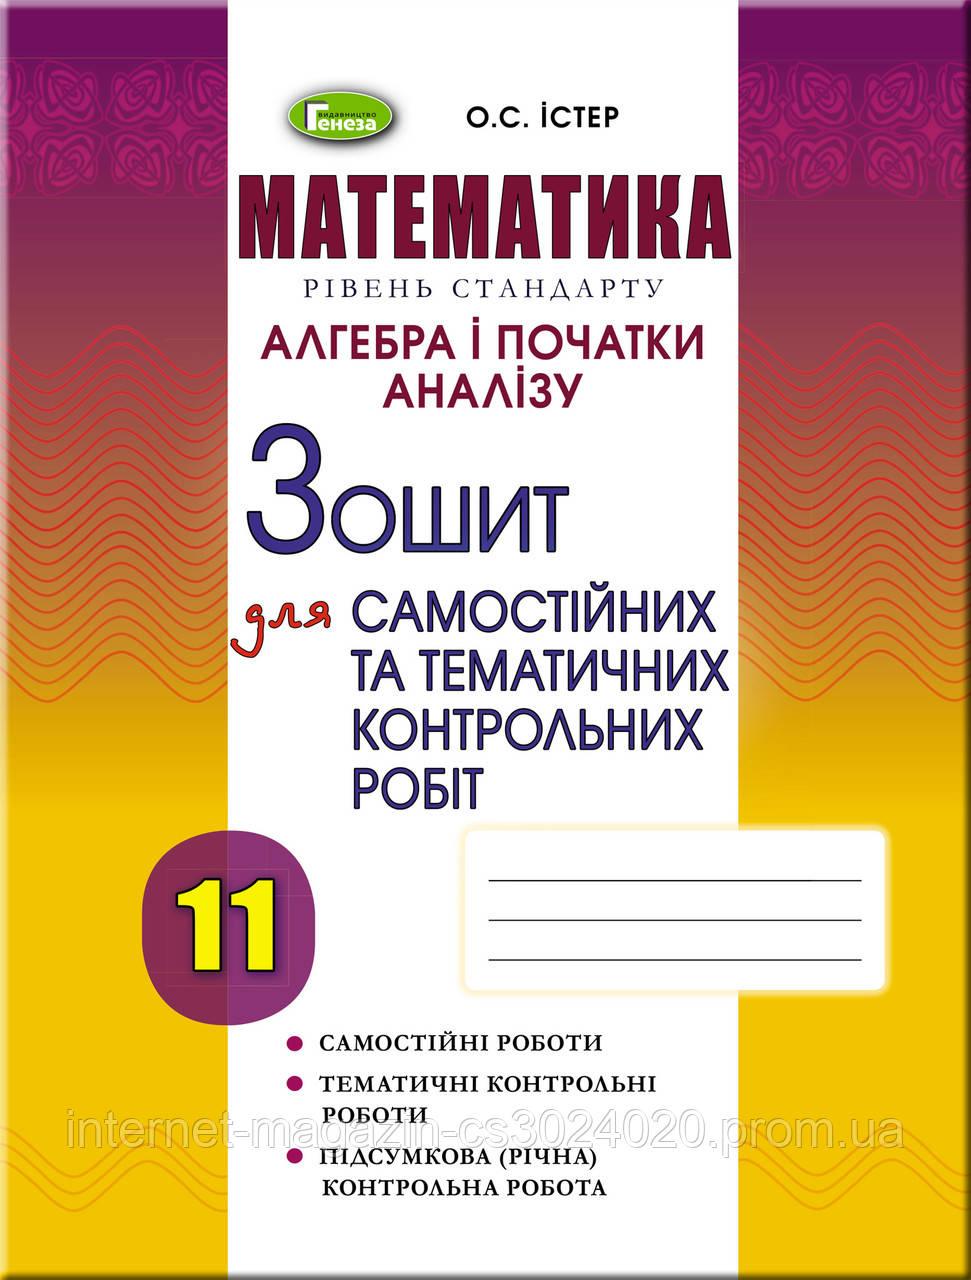 Алгебра 11 клас. Зошит для самостійних та тематичних контрольних робіт. Істер О. С.